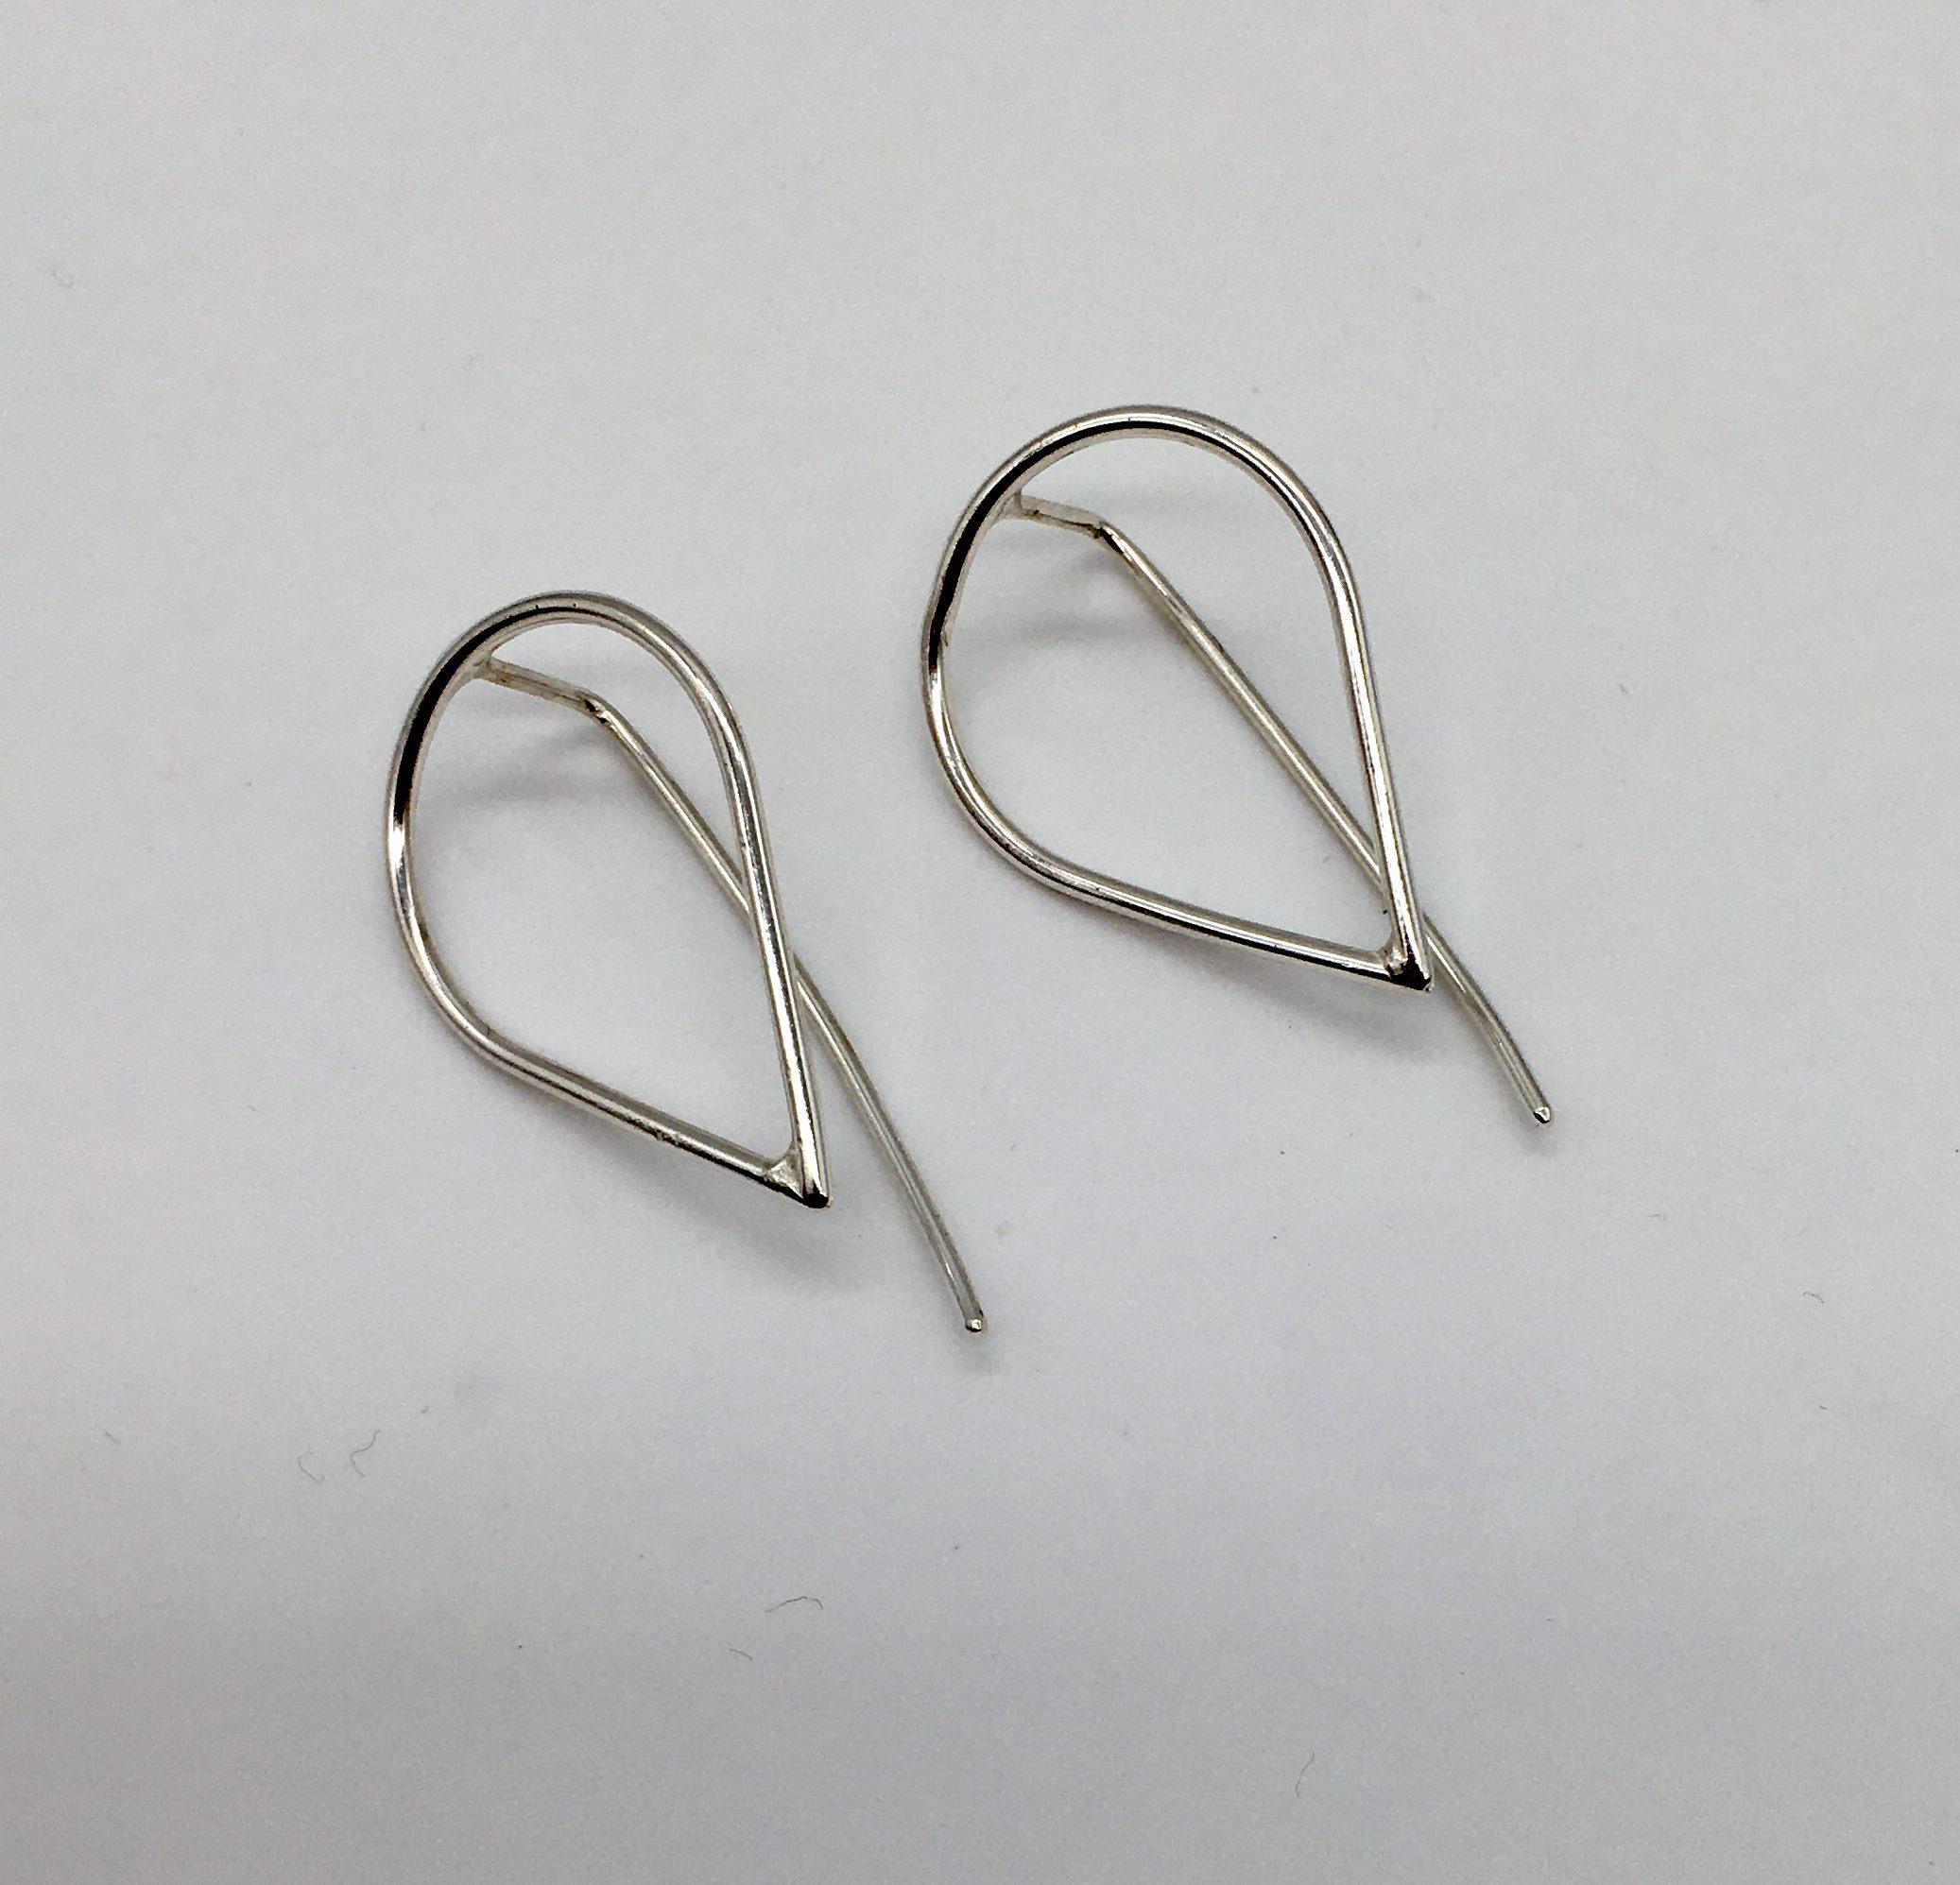 Silver teardrop threader earrings, handmade in Devon by silversmith Claire Lowe.